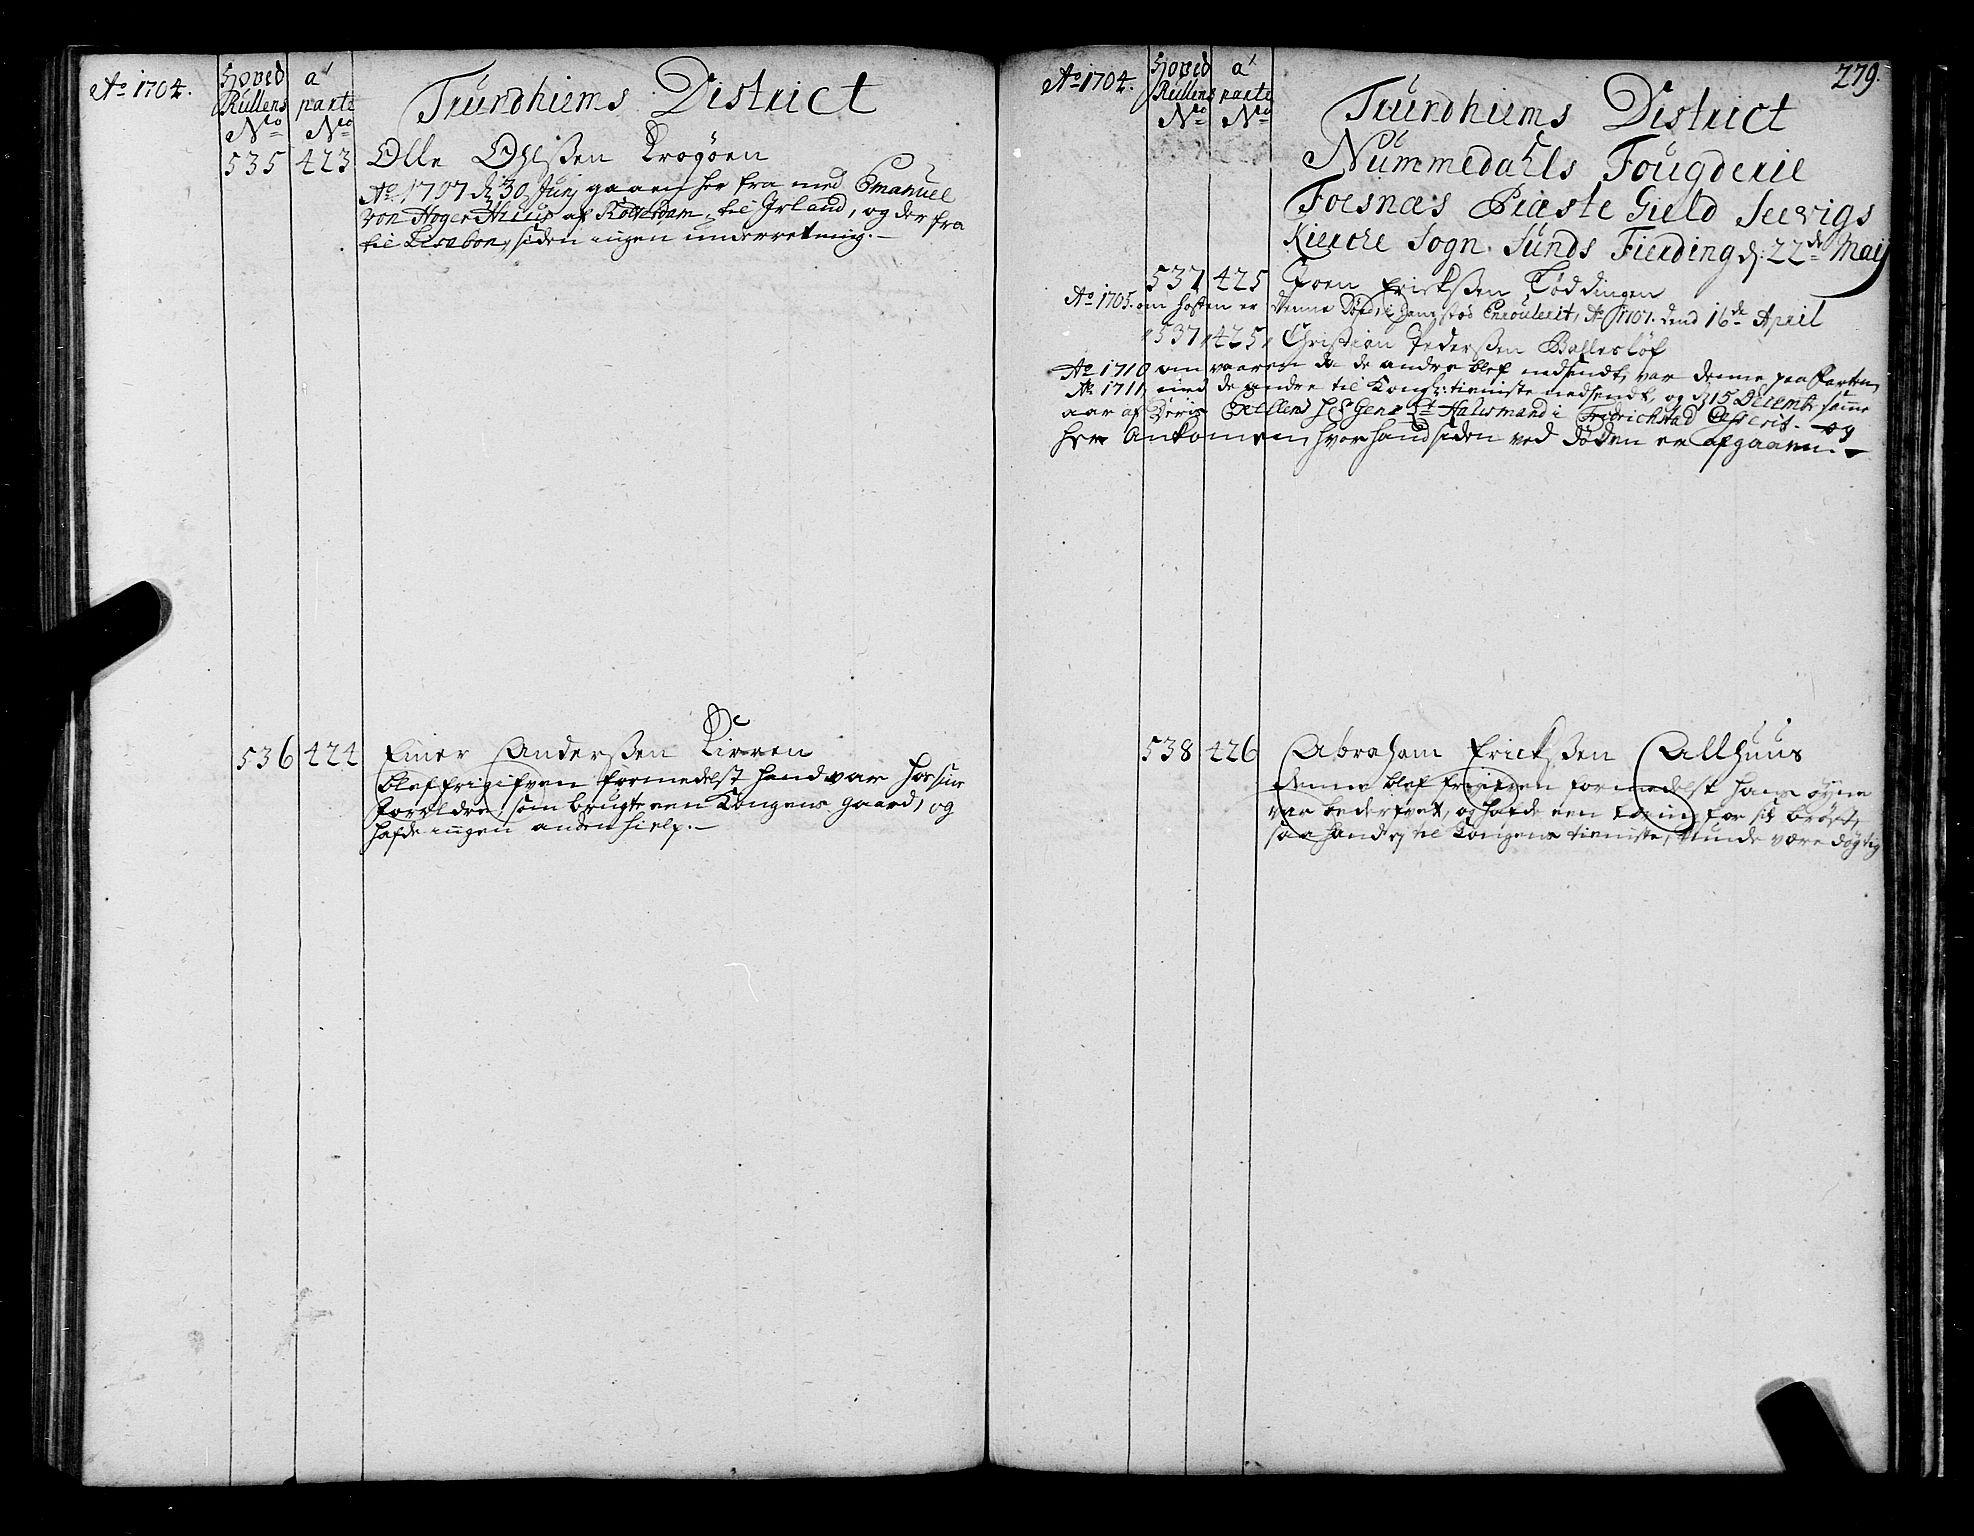 SAT, Sjøinnrulleringen - Trondhjemske distrikt, 01/L0004: Ruller over sjøfolk i Trondhjem by, 1704-1710, s. 279